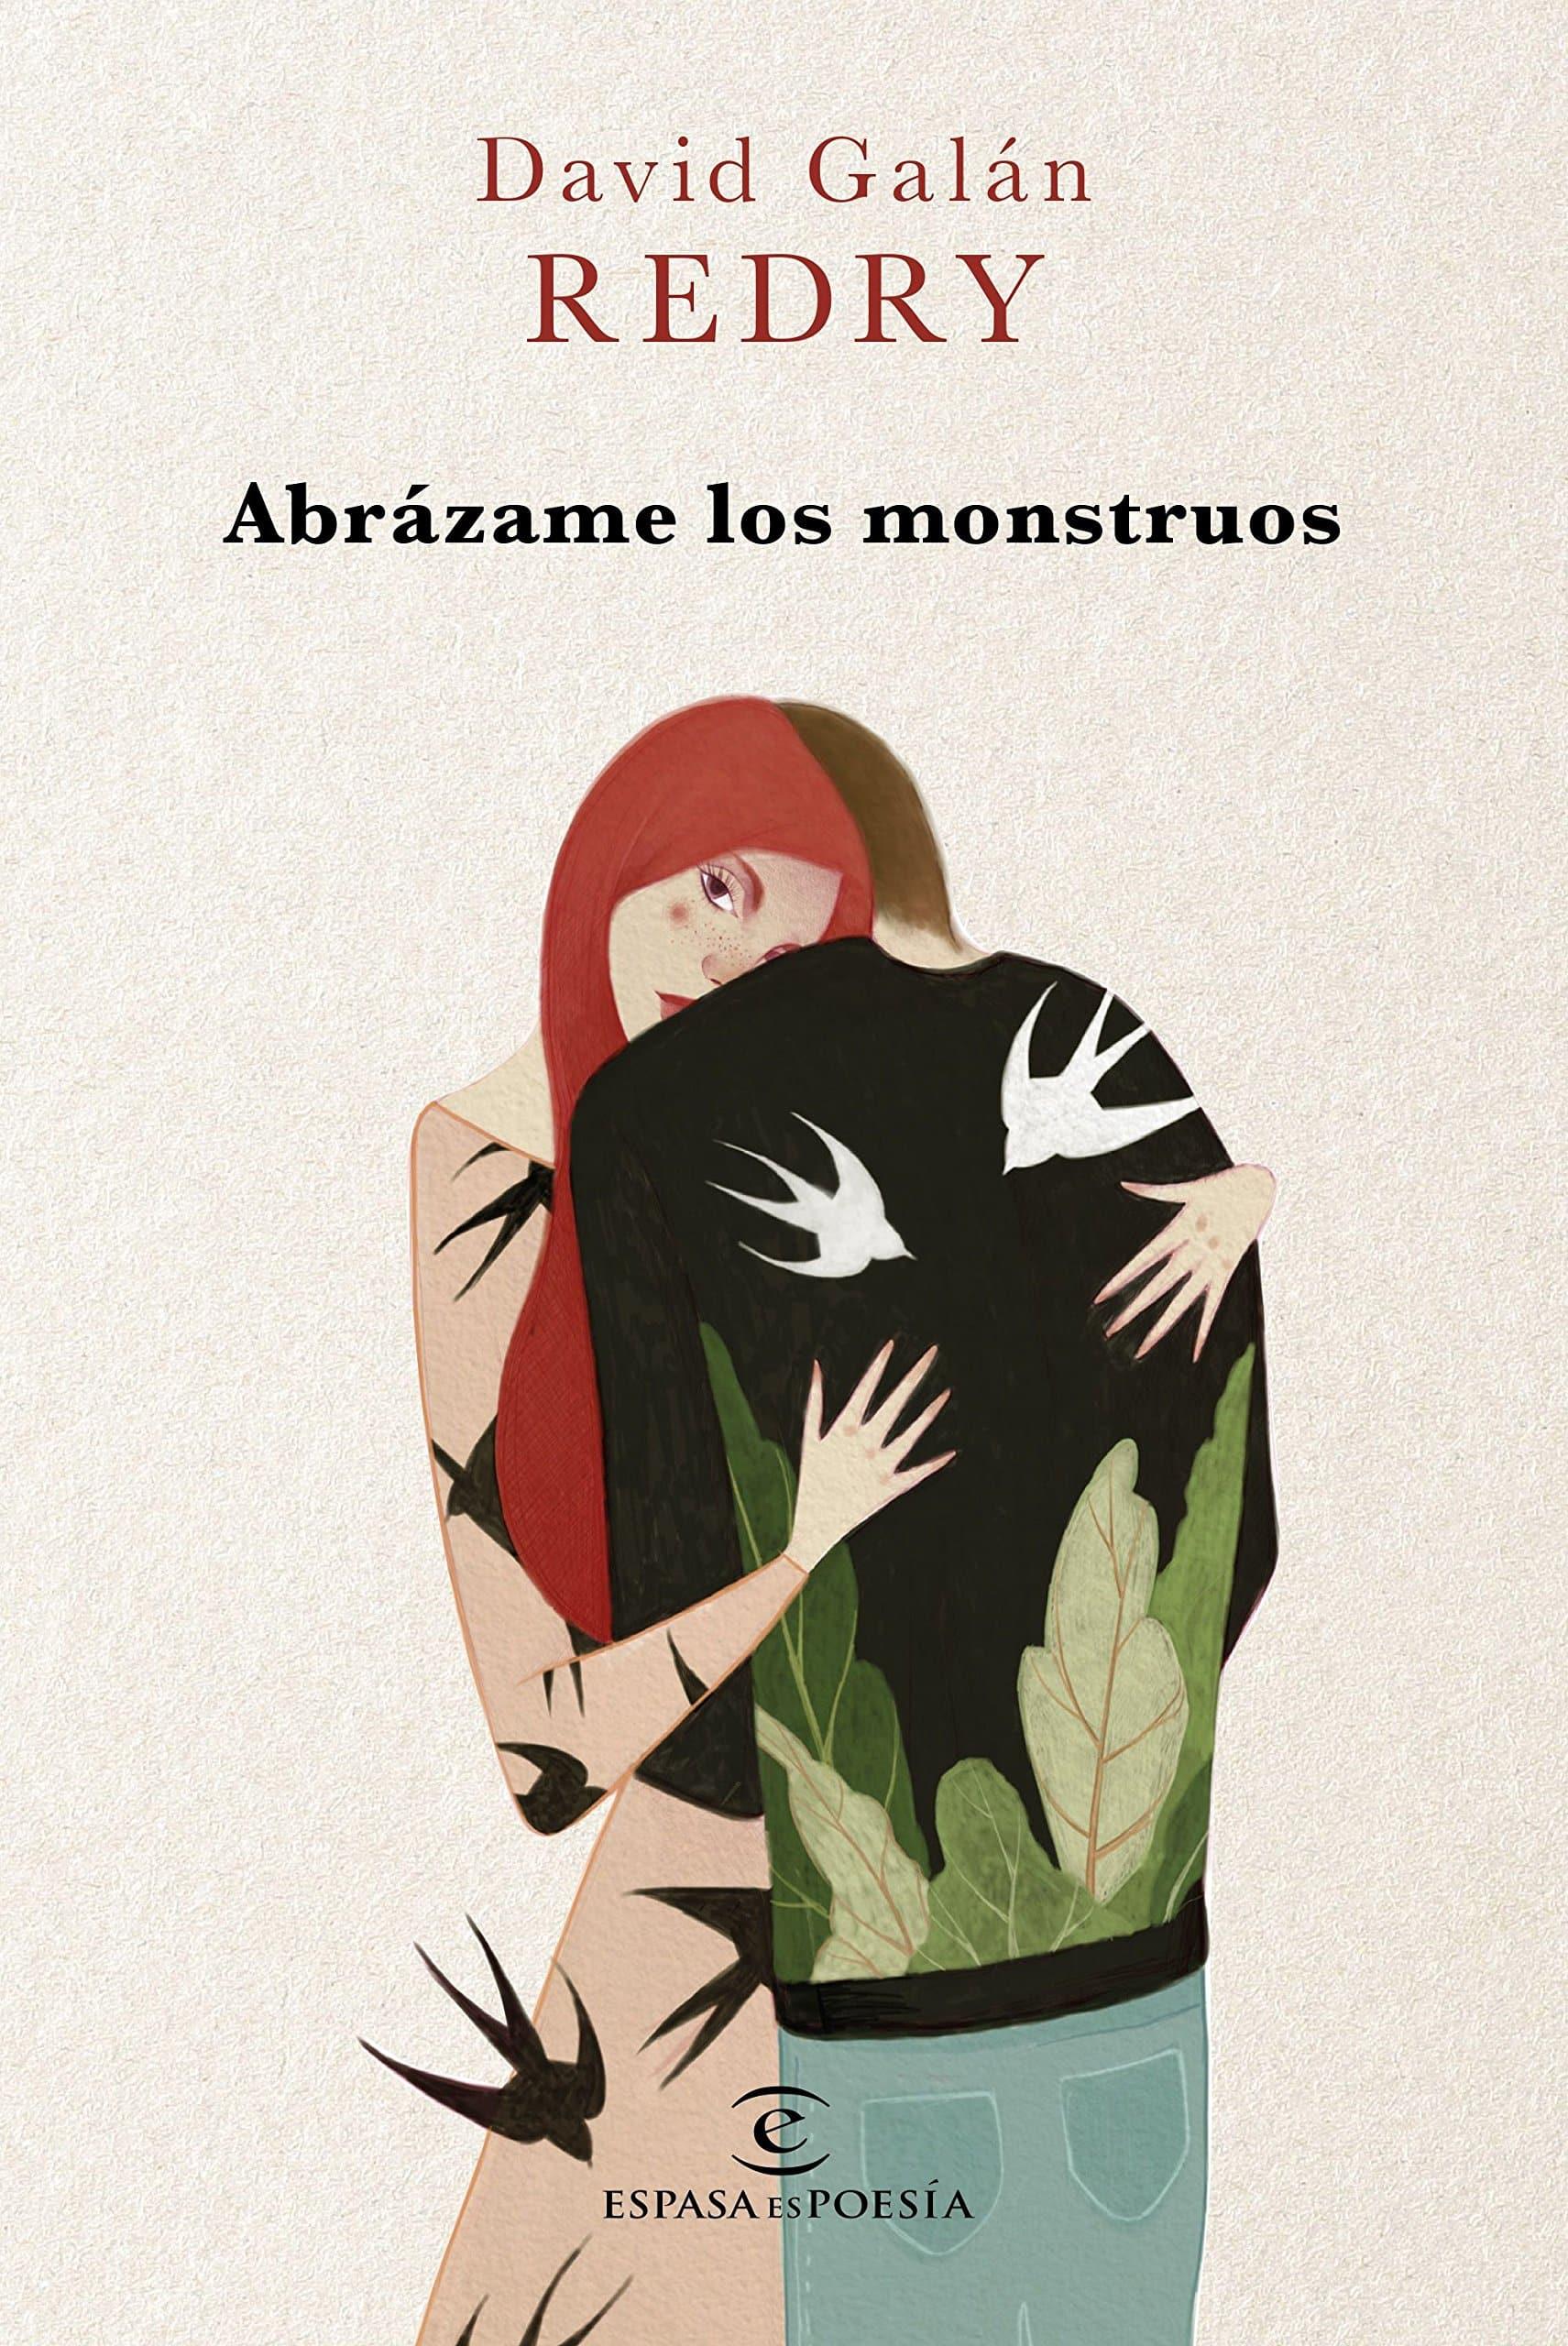 """Libro del autor David Redry """"Abrázame los monstruos""""."""